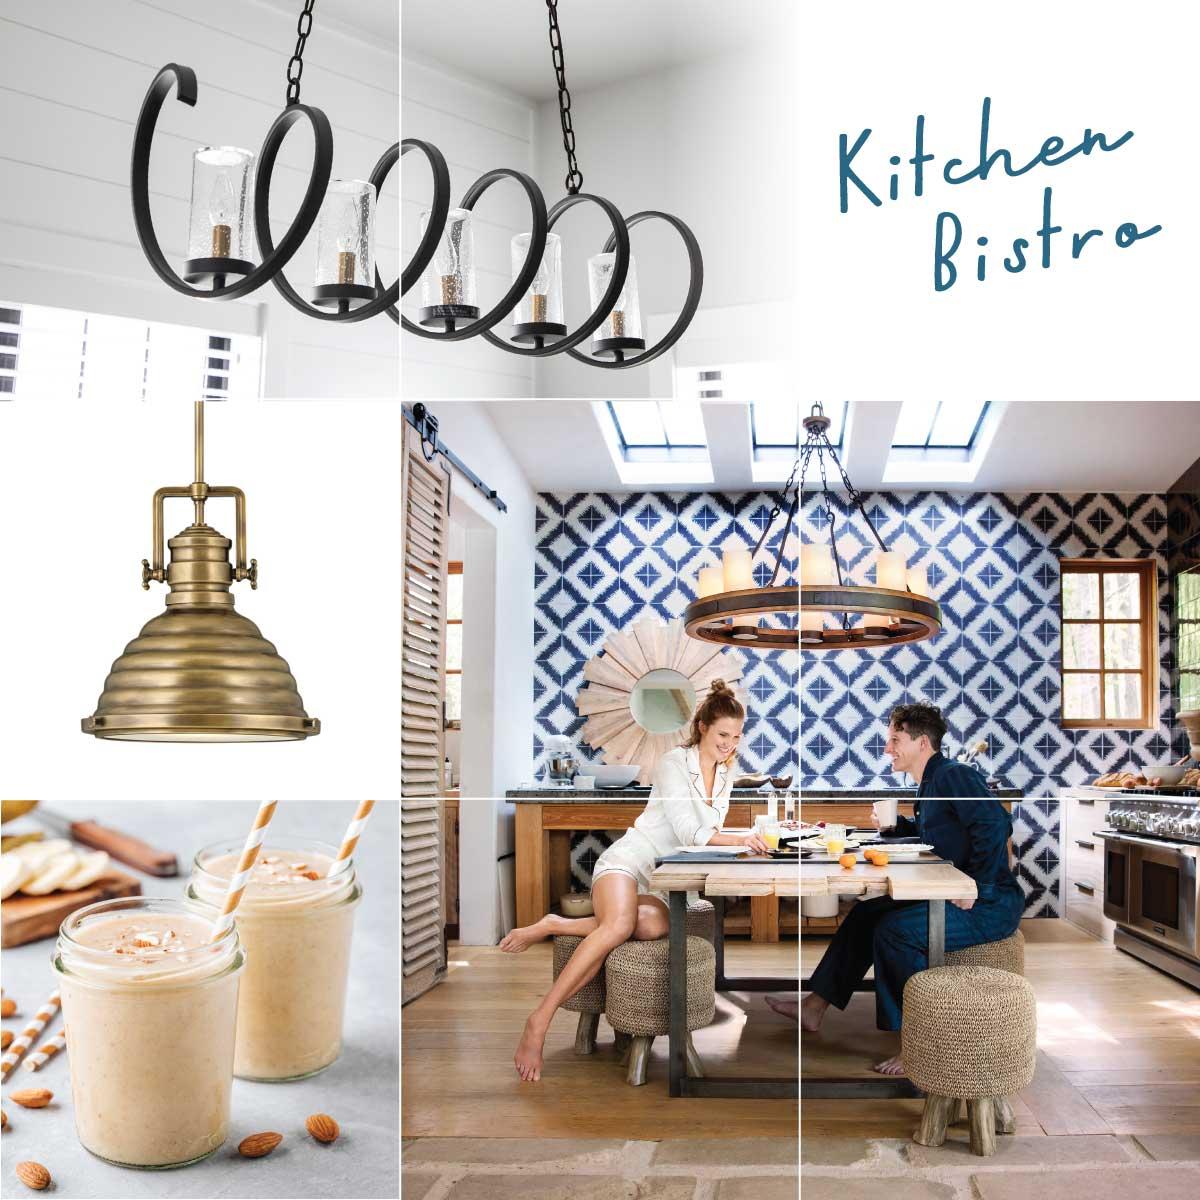 Kitchen Bistro Light Concept